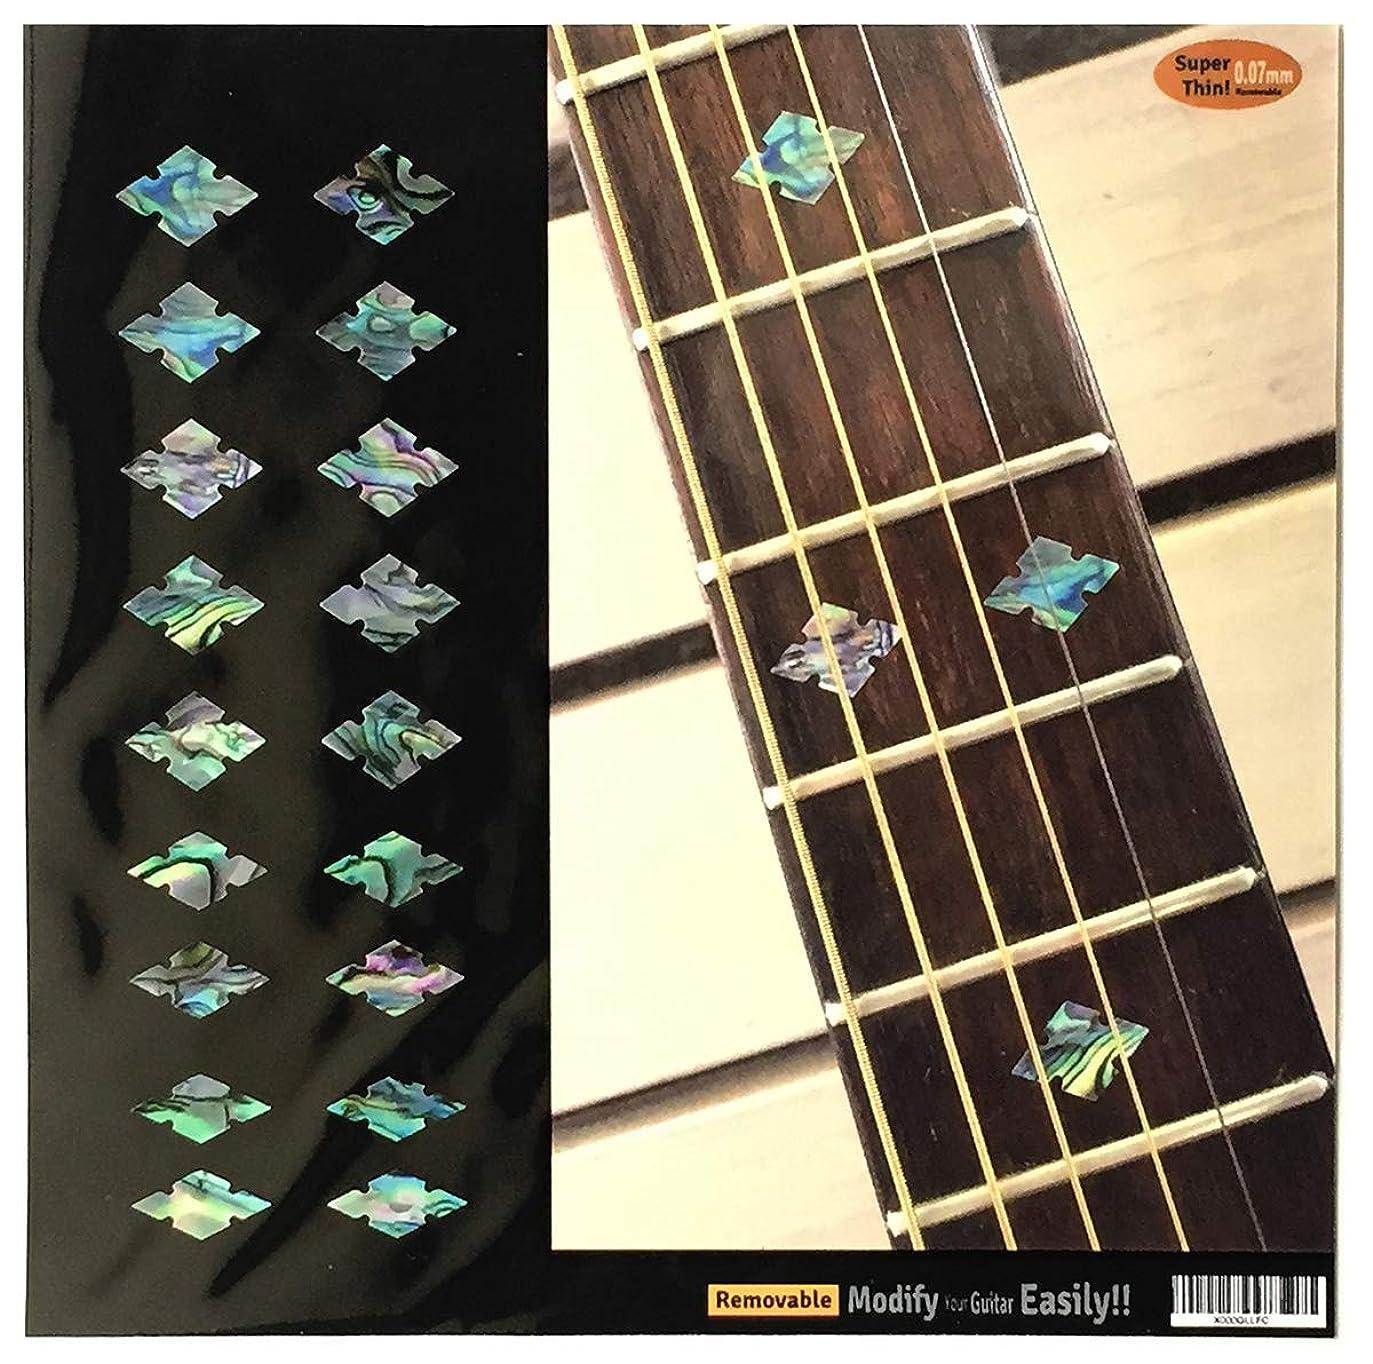 飾るシャワーバラエティTraditional カット?ダイヤモンド (アバロンMIX) ギター ベース ウクレレ インレイステッカー